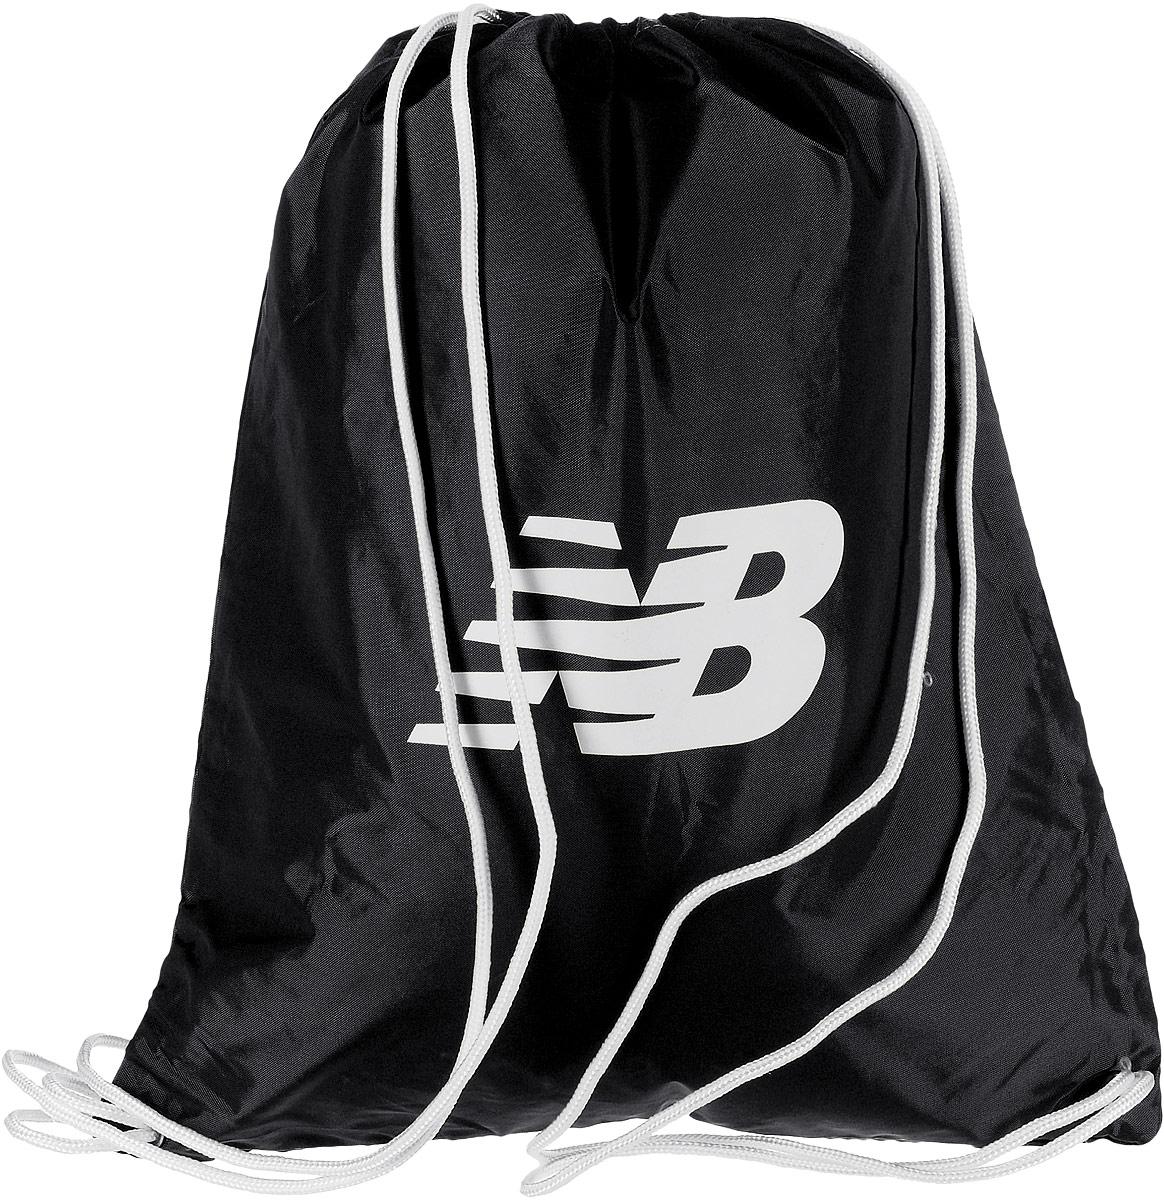 Рюкзак New Balance Cinch Sack, цвет: черный. 500006/BKML597BUL/DСтильный спортивный рюкзак New Balance Cinch Sack выполнен из нейлона и оформлен символикой бренда. Изделие имеет одно основное отделение, которое закрывается с помощью затягивающего шнурка.Веревочные завязки можно использовать как наплечные лямки. Стильный и функциональный рюкзак поместит все необходимое.